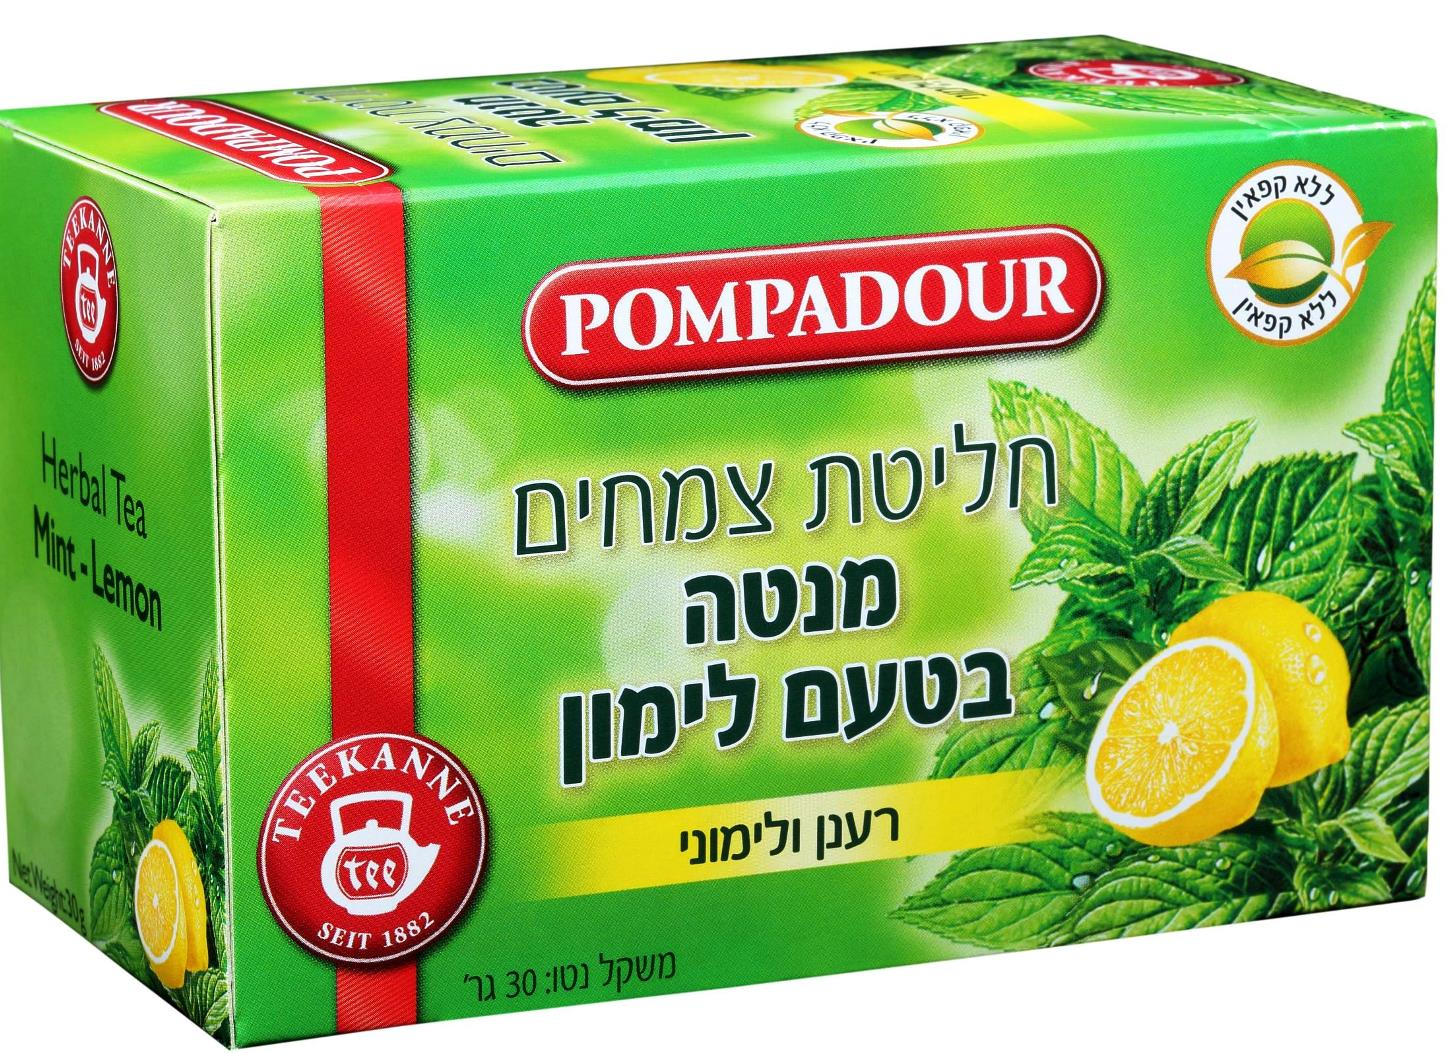 חליטת מנטה בטעם לימון. פומפדור. צילום אפרת אשל